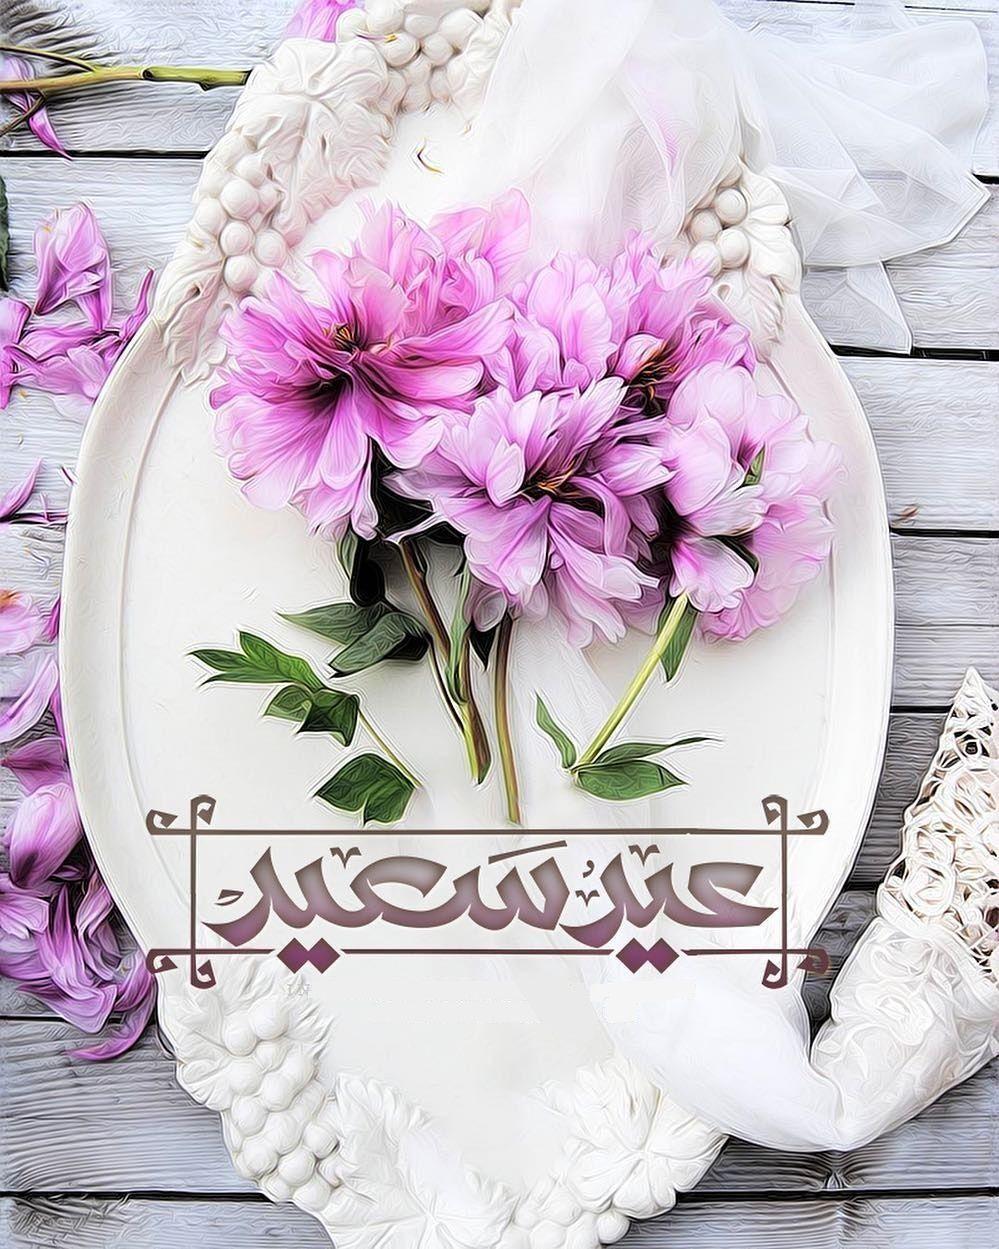 رسائل بمناسبة عيد الفطر المبارك رسائل تهنئة عيد الاضحى